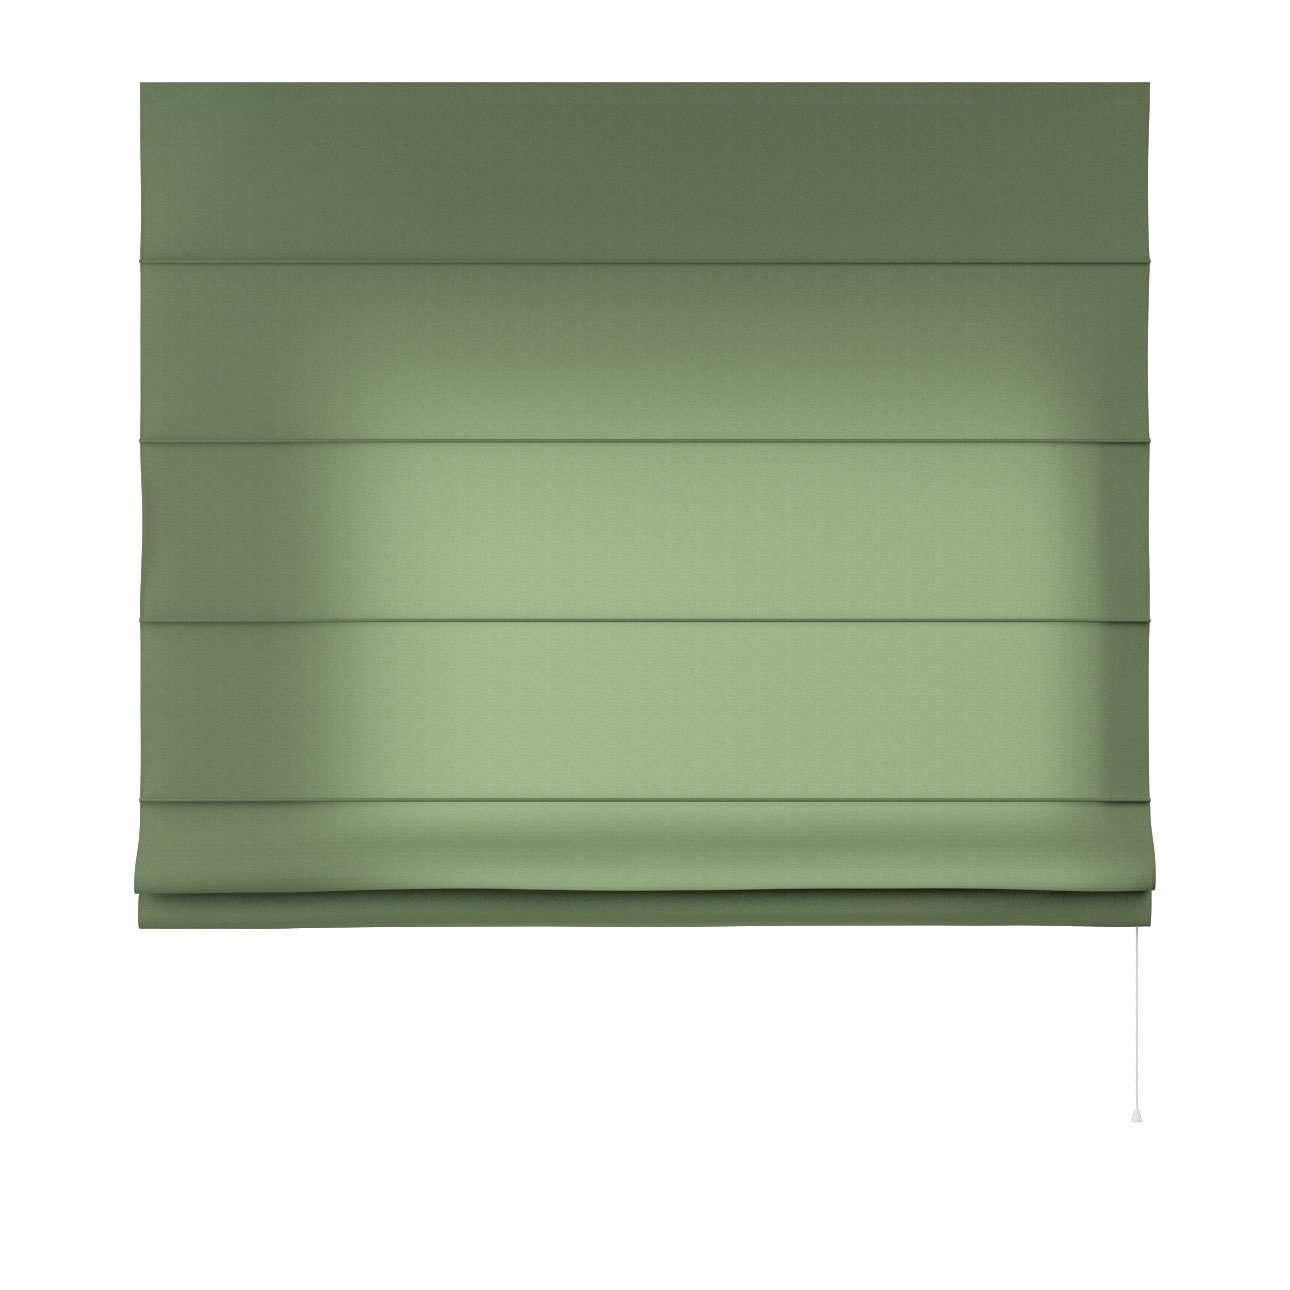 Romanetės Capri 80 x 170 cm (plotis x ilgis) kolekcijoje Jupiter, audinys: 127-52